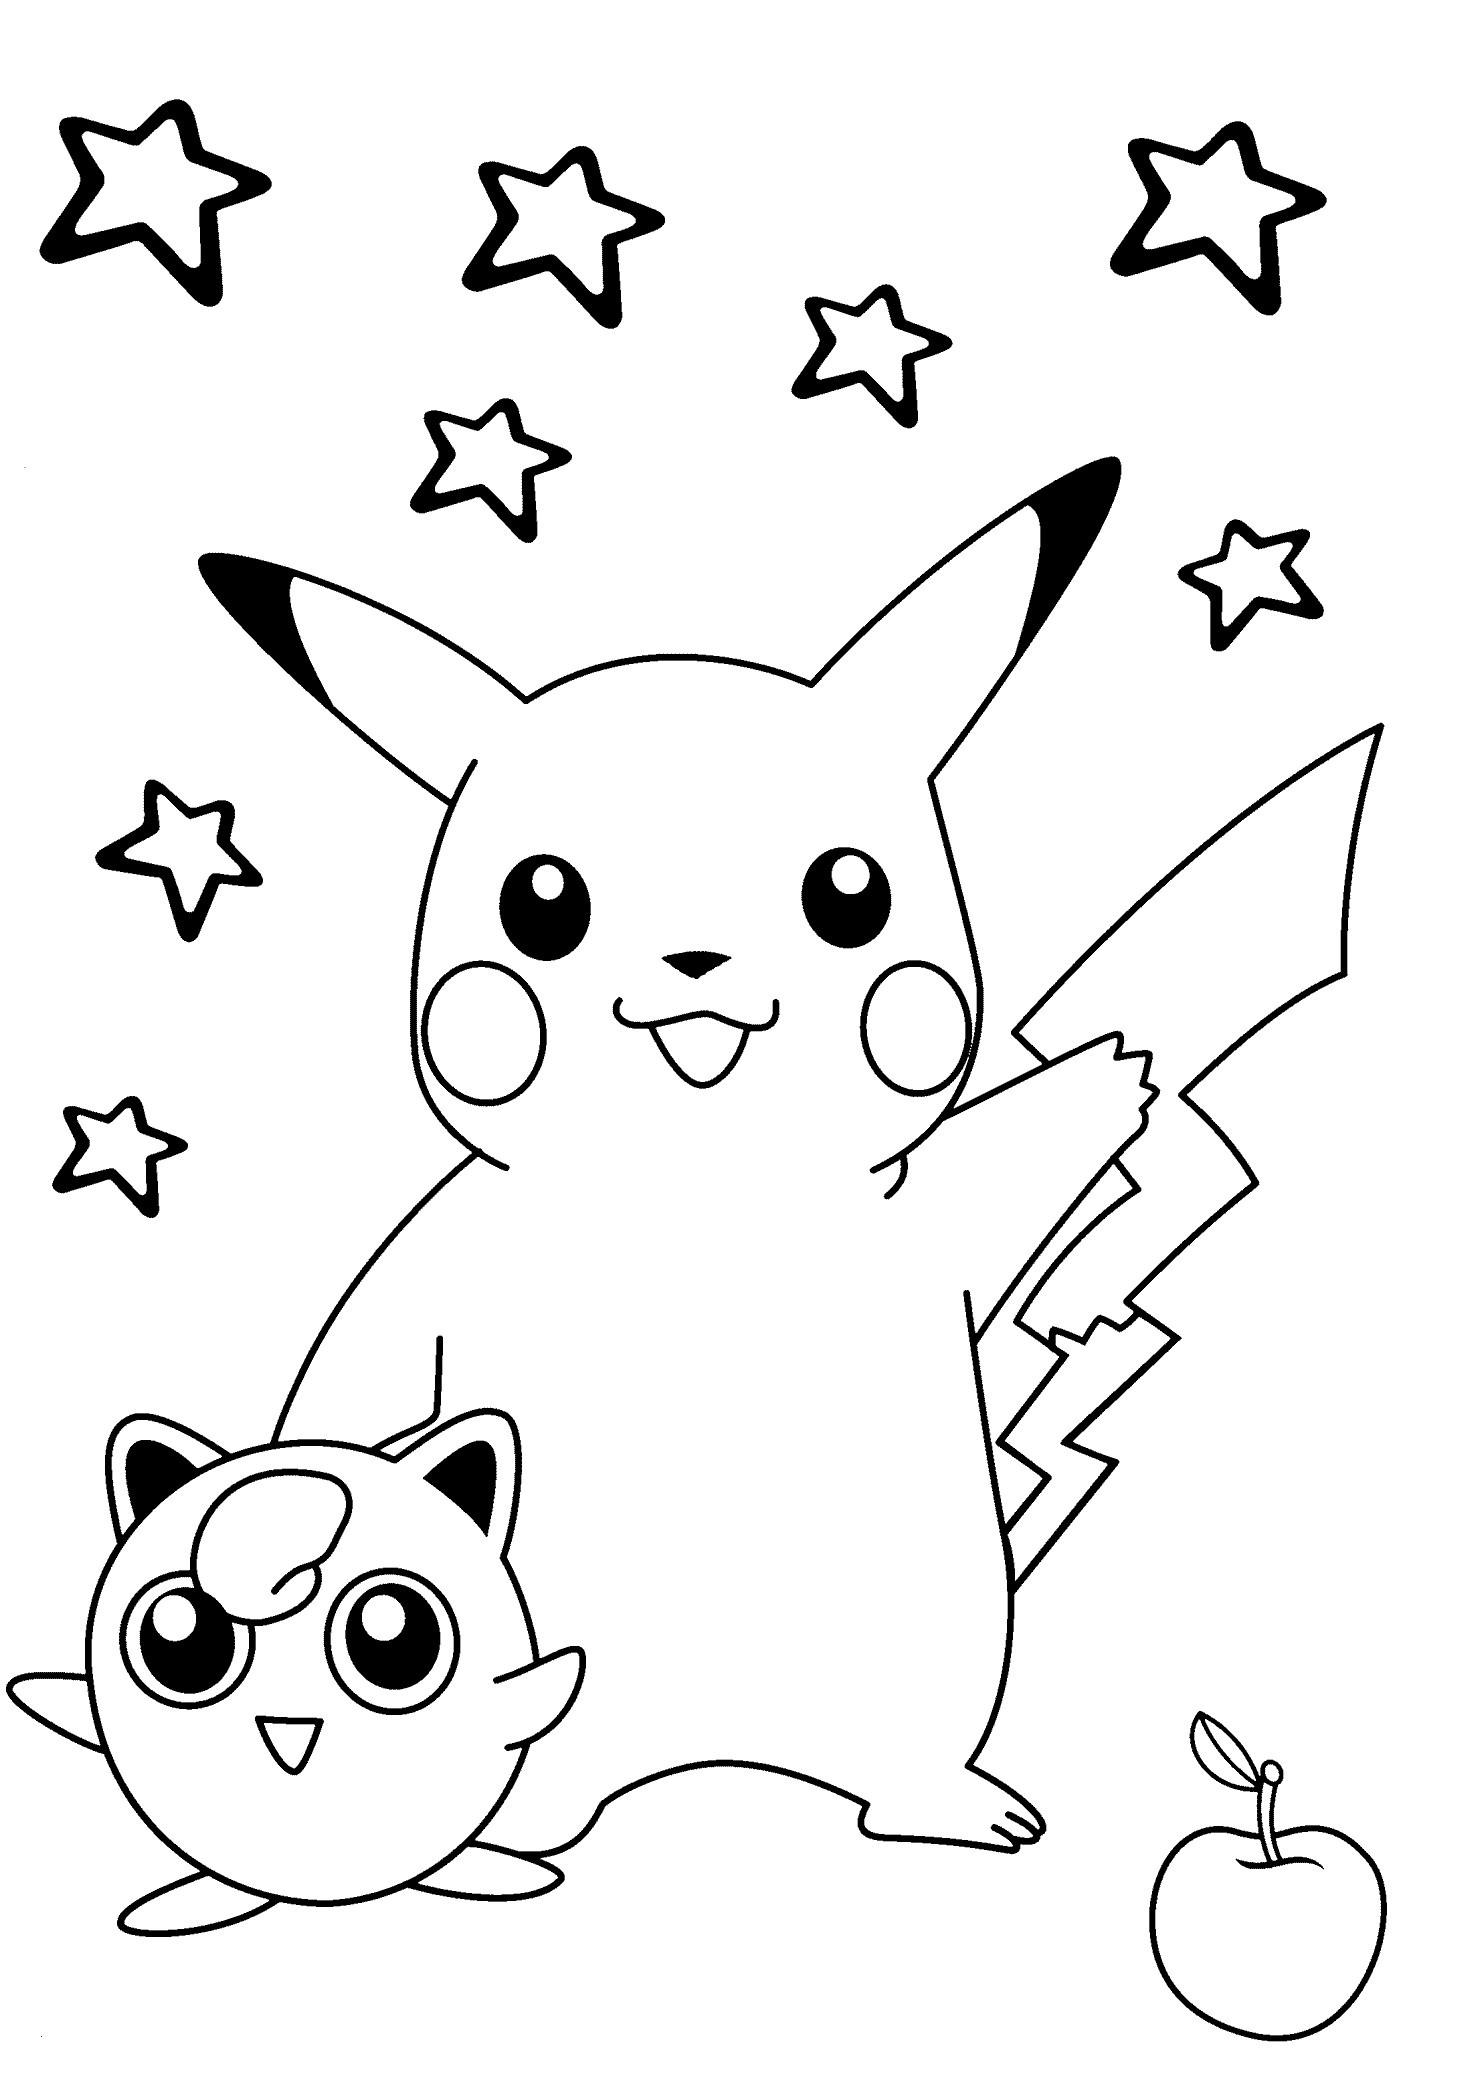 Pokemon Bilder Zum Ausdrucken In Farbe Einzigartig Smiling Pokemon Coloring Pages for Kids Printable Free Frisch 3d Bilder